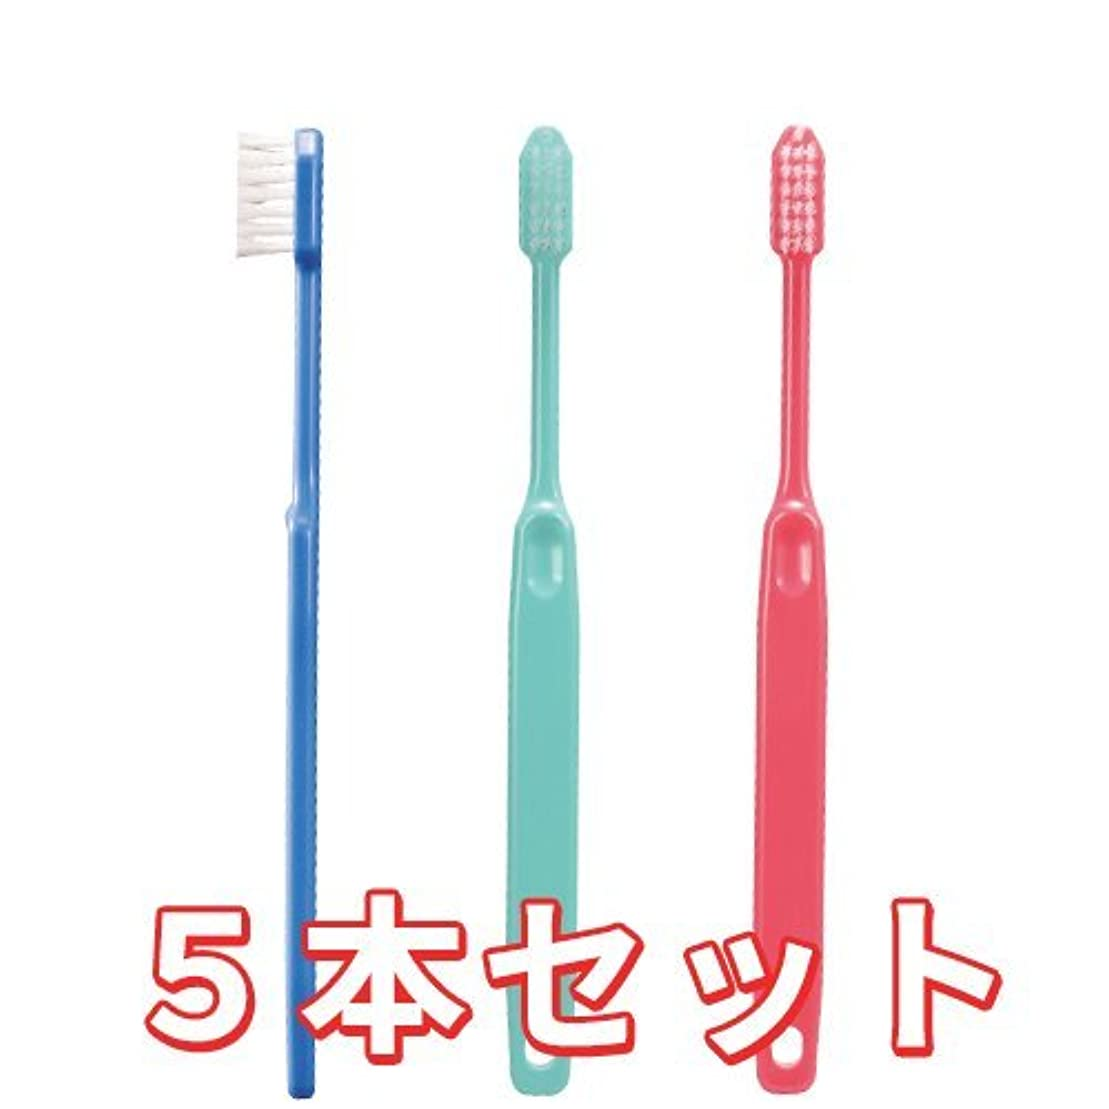 インタネットを見る頬骨出費Ciメディカル 歯ブラシ コンパクトヘッド 疎毛タイプ アソート 5本 (Ci21(かため))